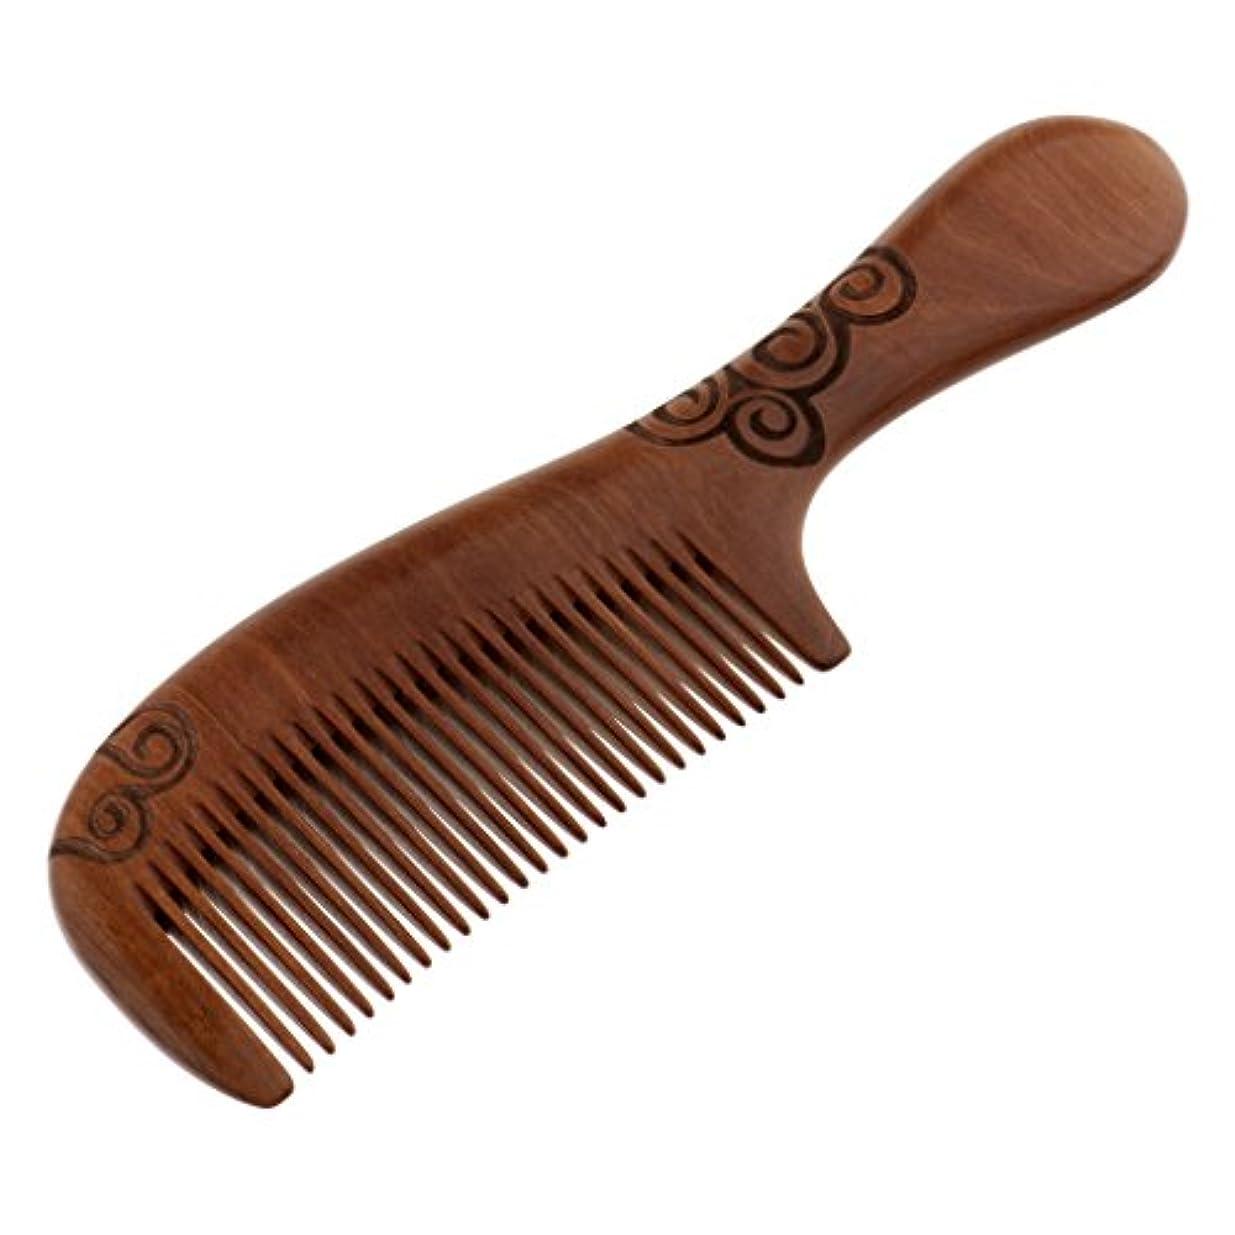 絶対に感心するテセウスToygogo くし コーム 木製 頭皮マッサージ ヘア櫛 木製ヘアコーム ヘアケア 髪の櫛 帯電防止 耐熱性